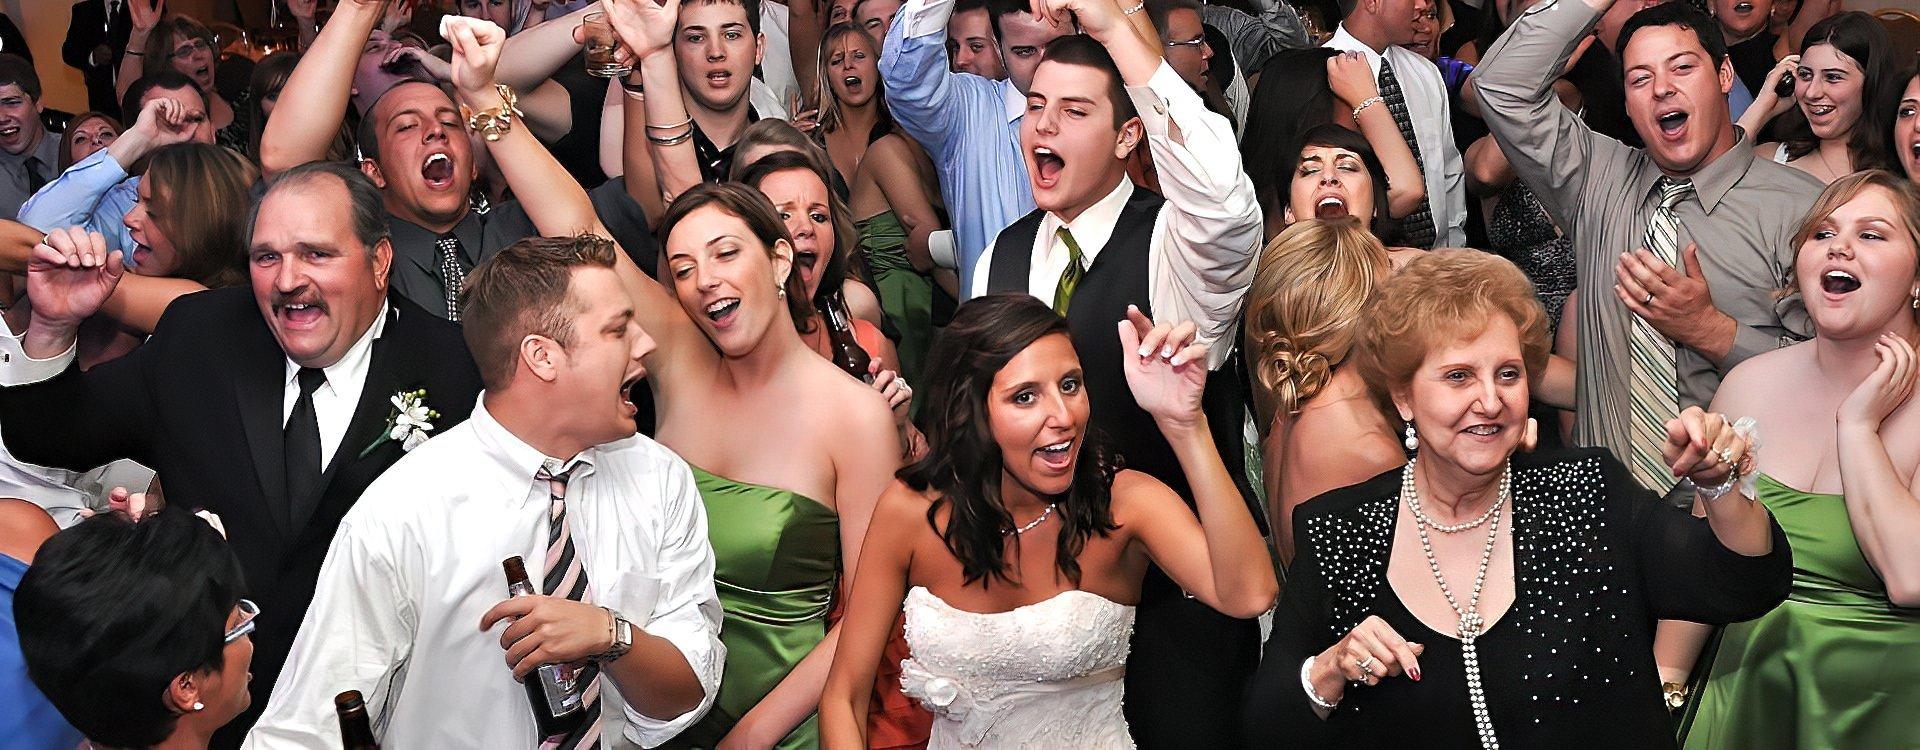 Bridal Party Sing Along